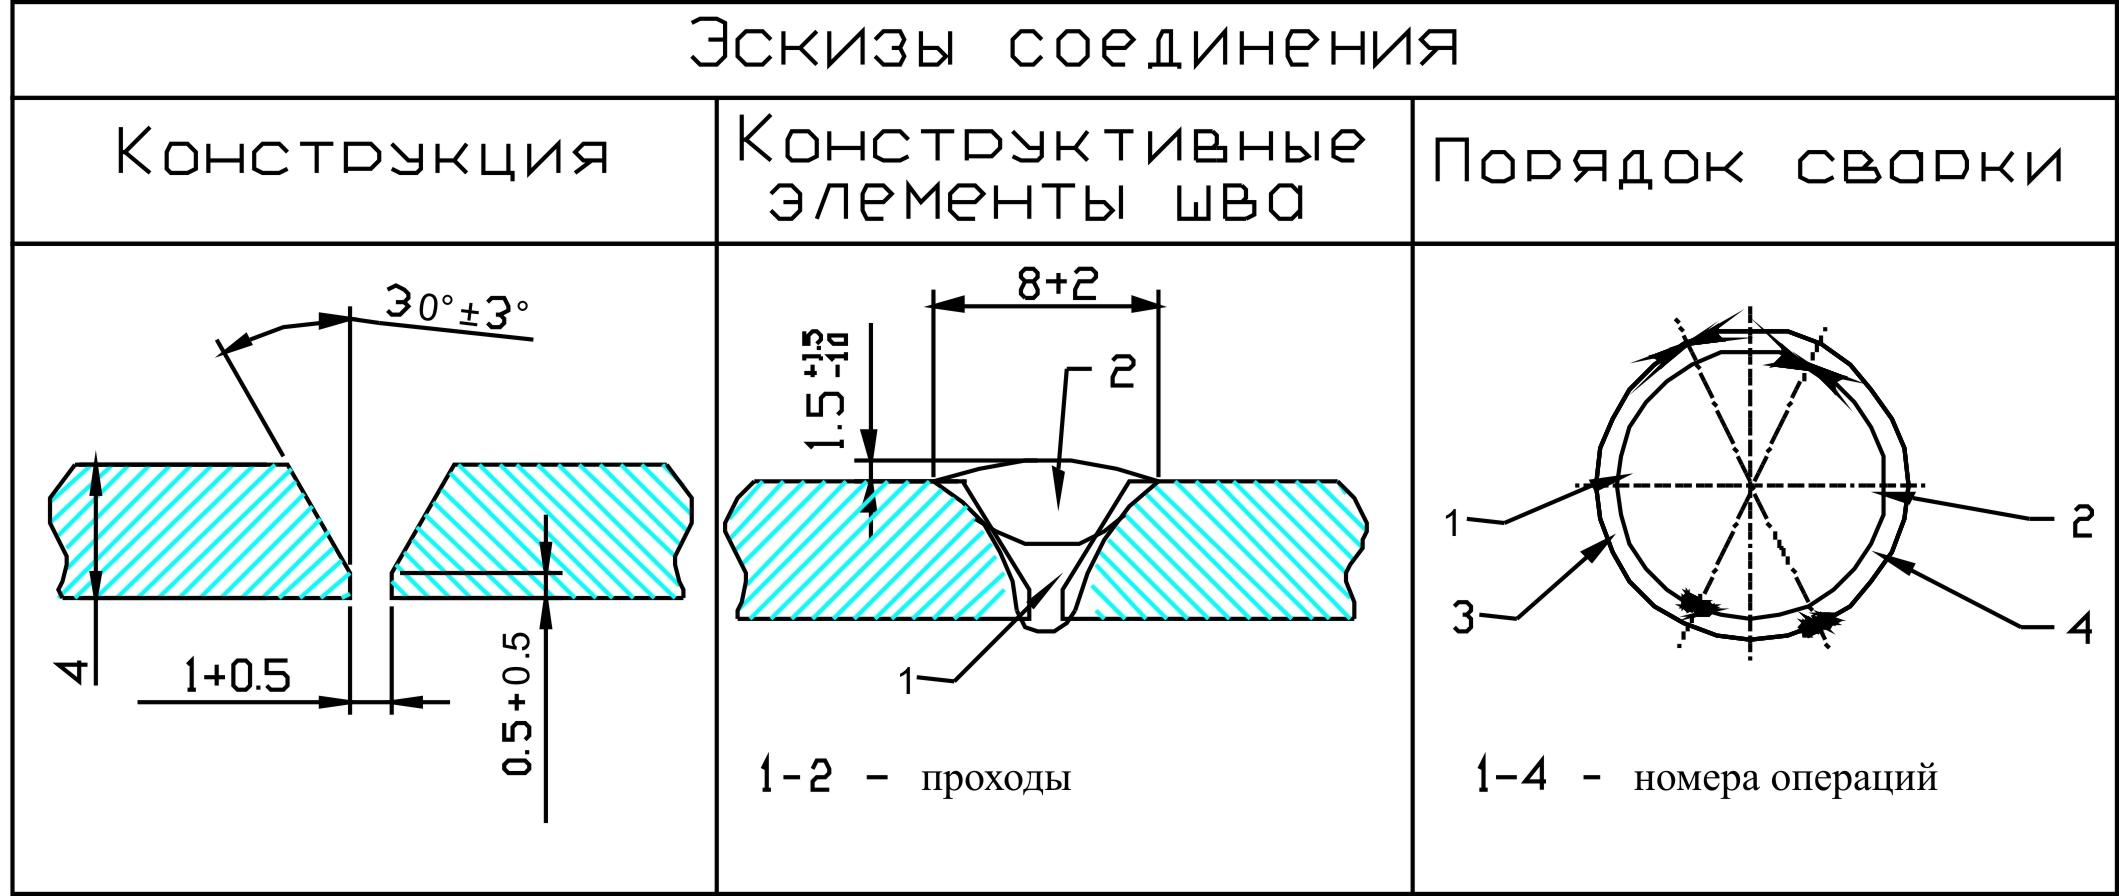 инструкционная карта что такое